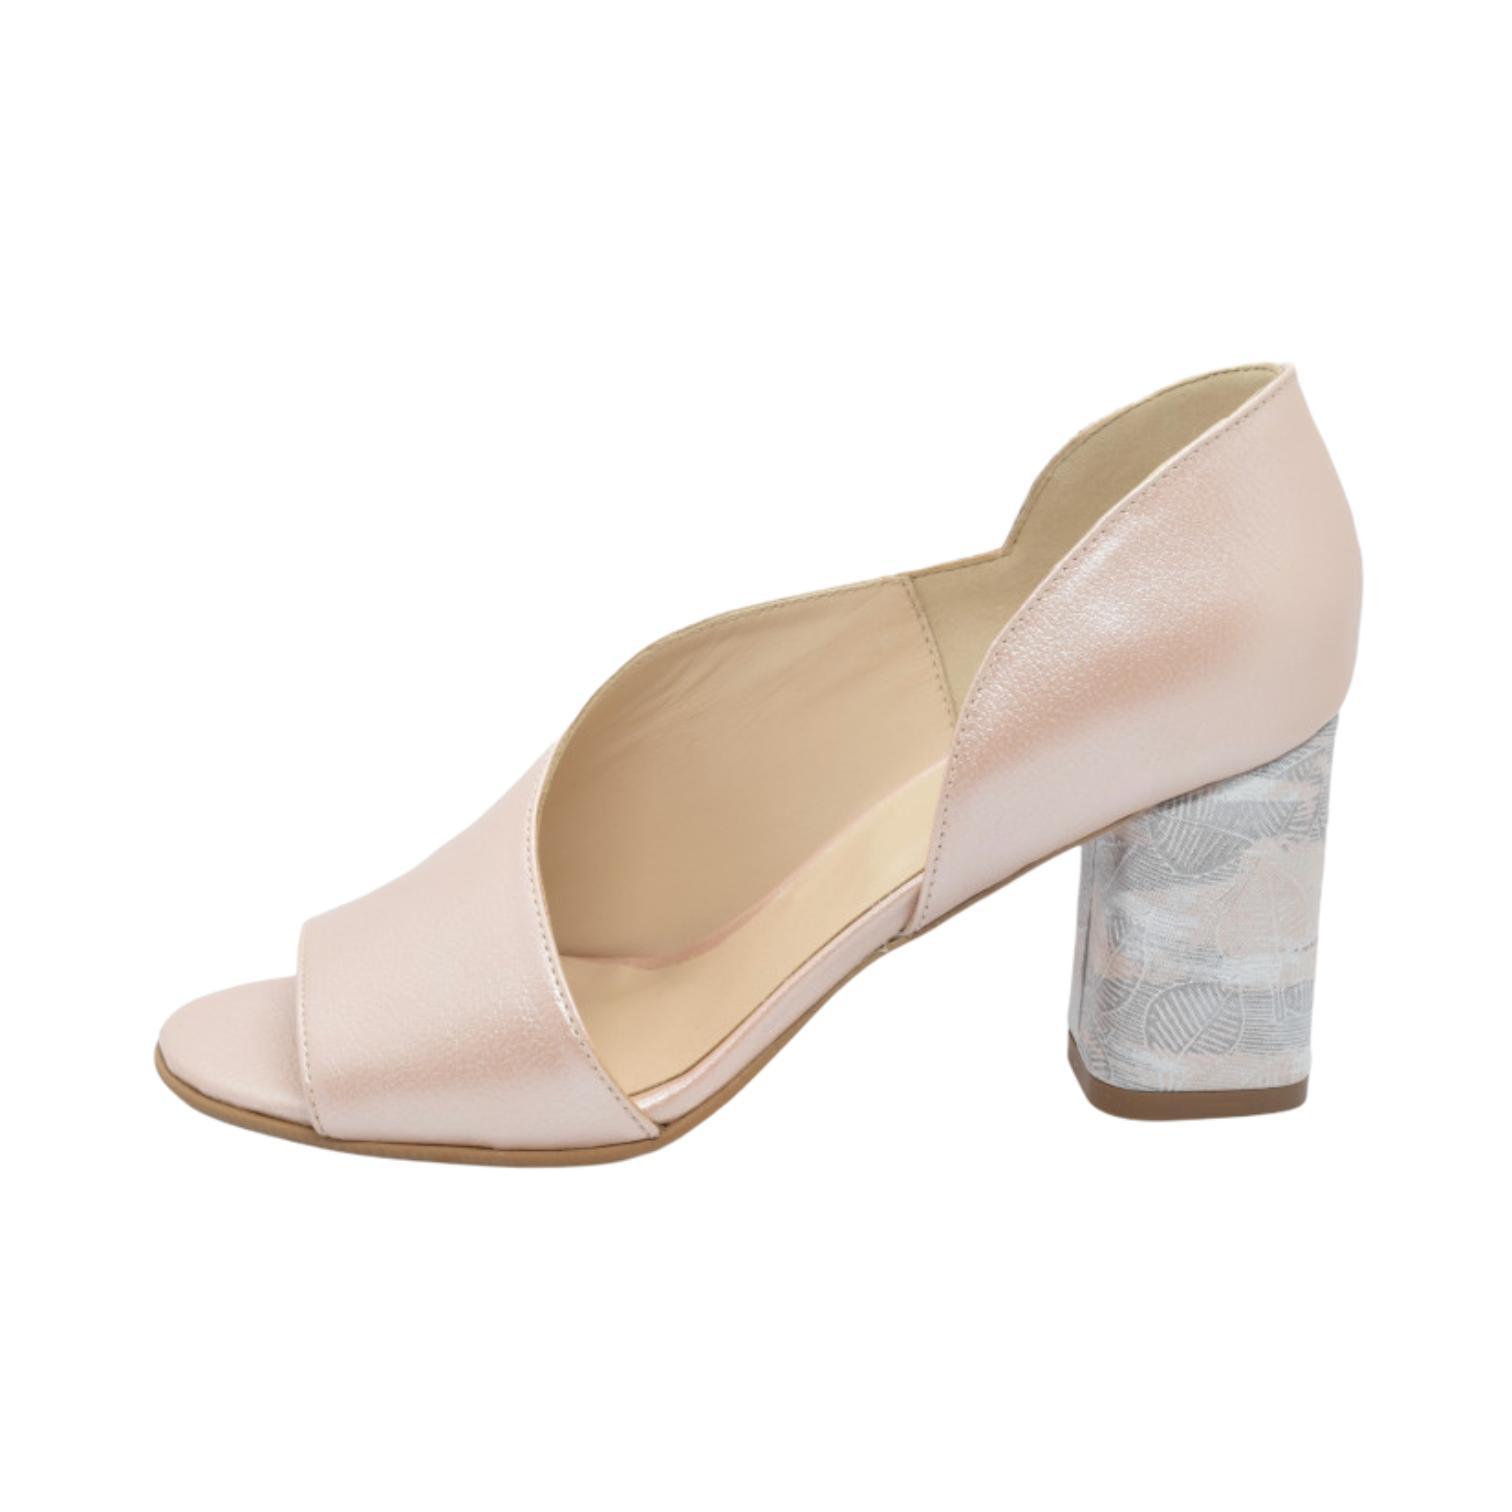 Sandale pudra cu toc cu model floral